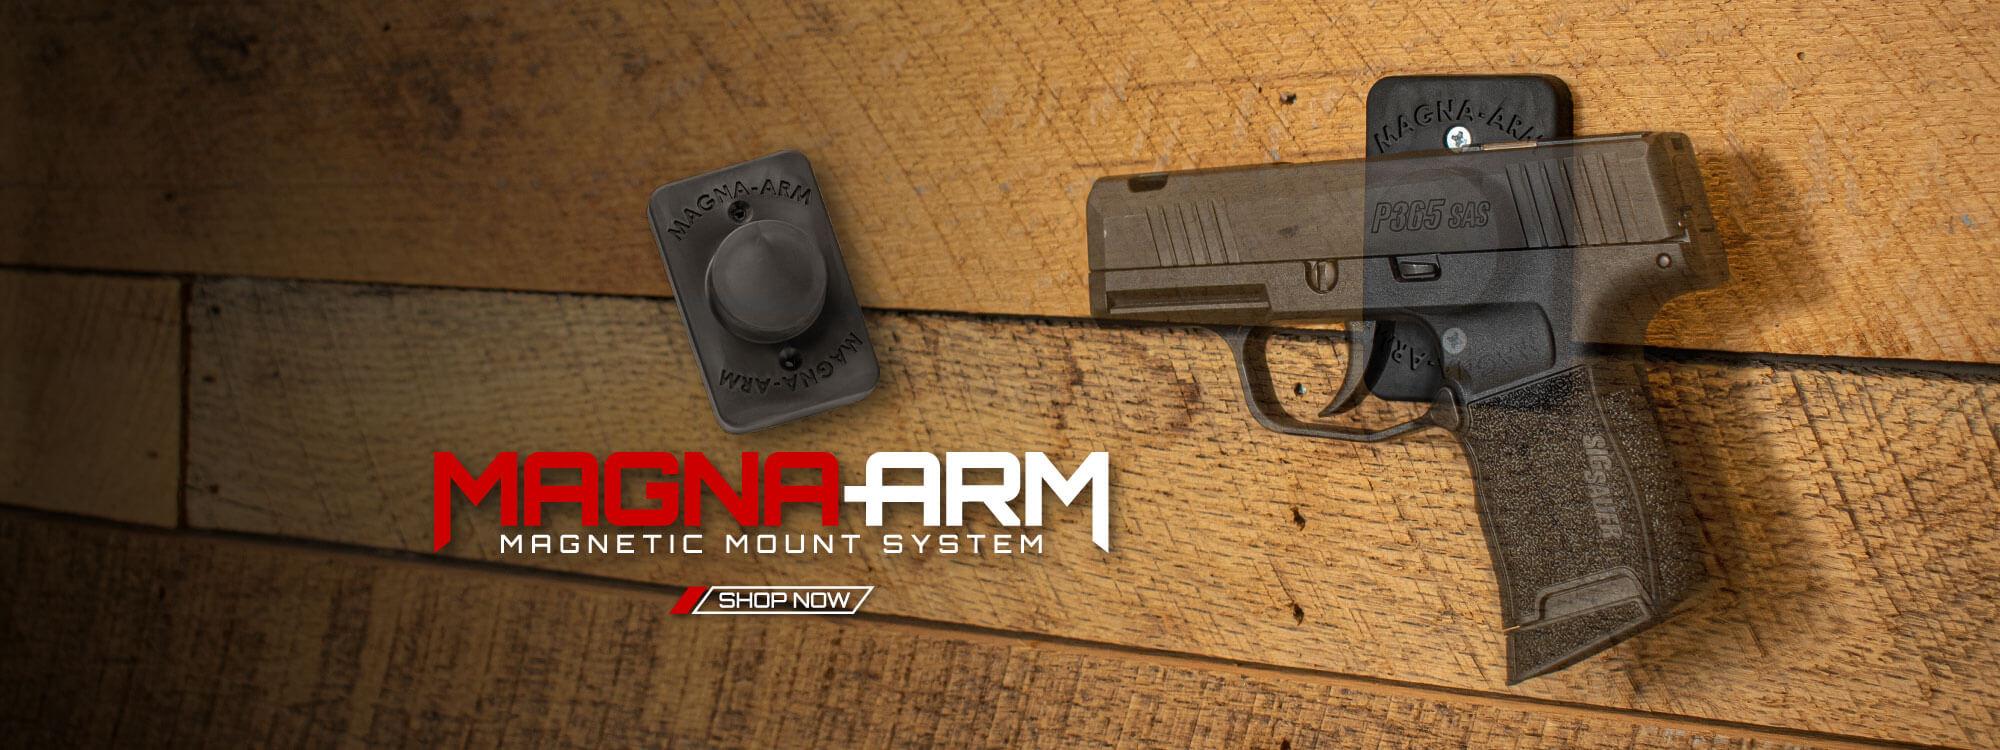 Magna-Arm Magnetic Mount System – Gun Magnet – Gun Mount